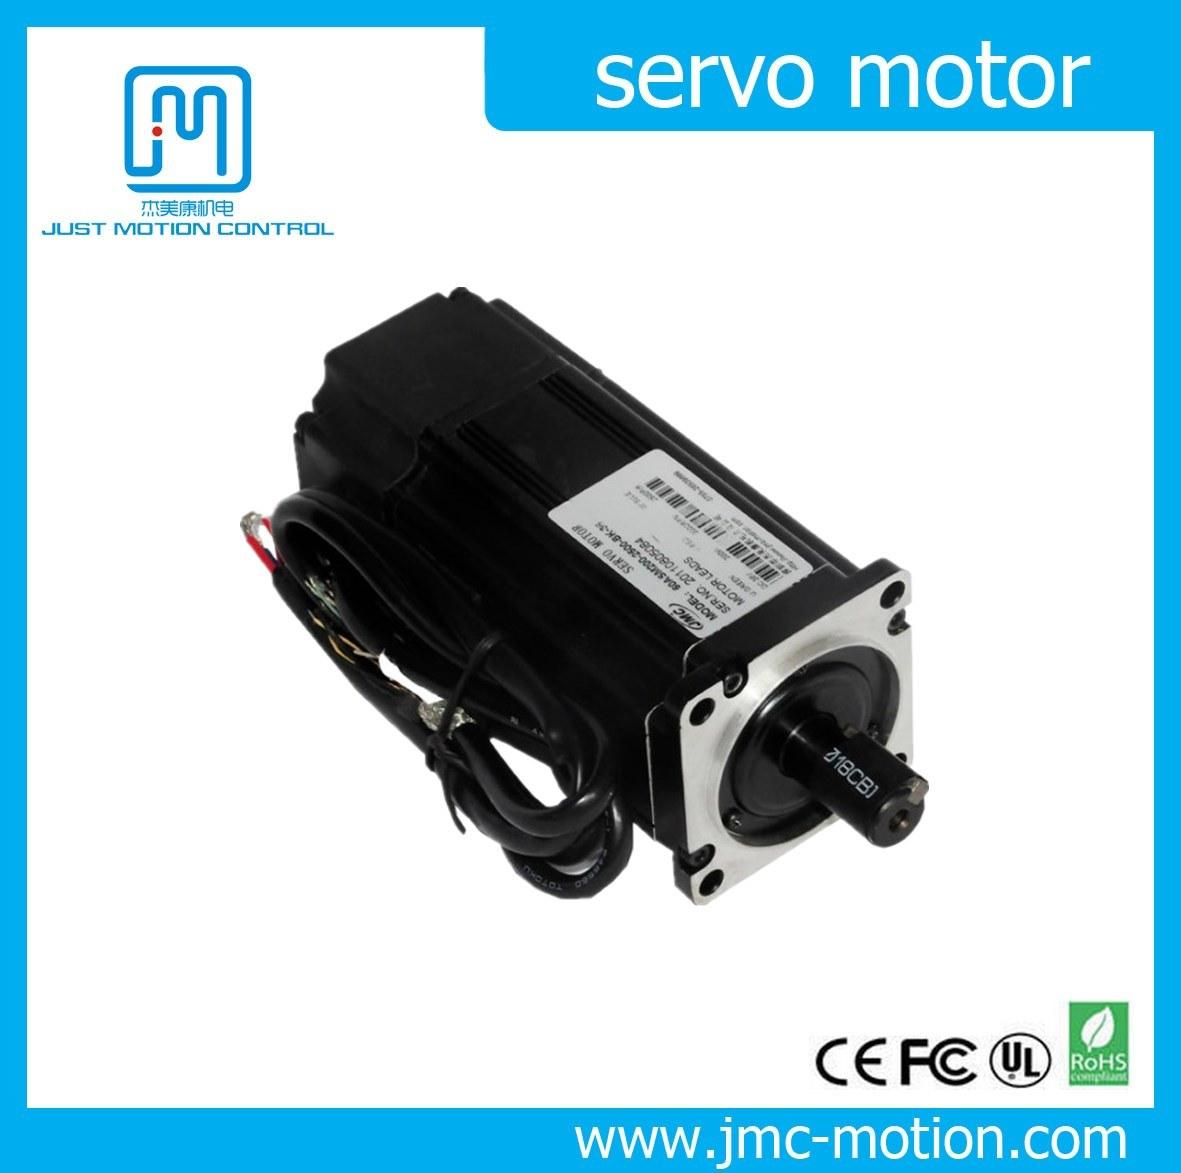 CNC 60V AC 400W Servo Motor for Industrial Sewing Machine